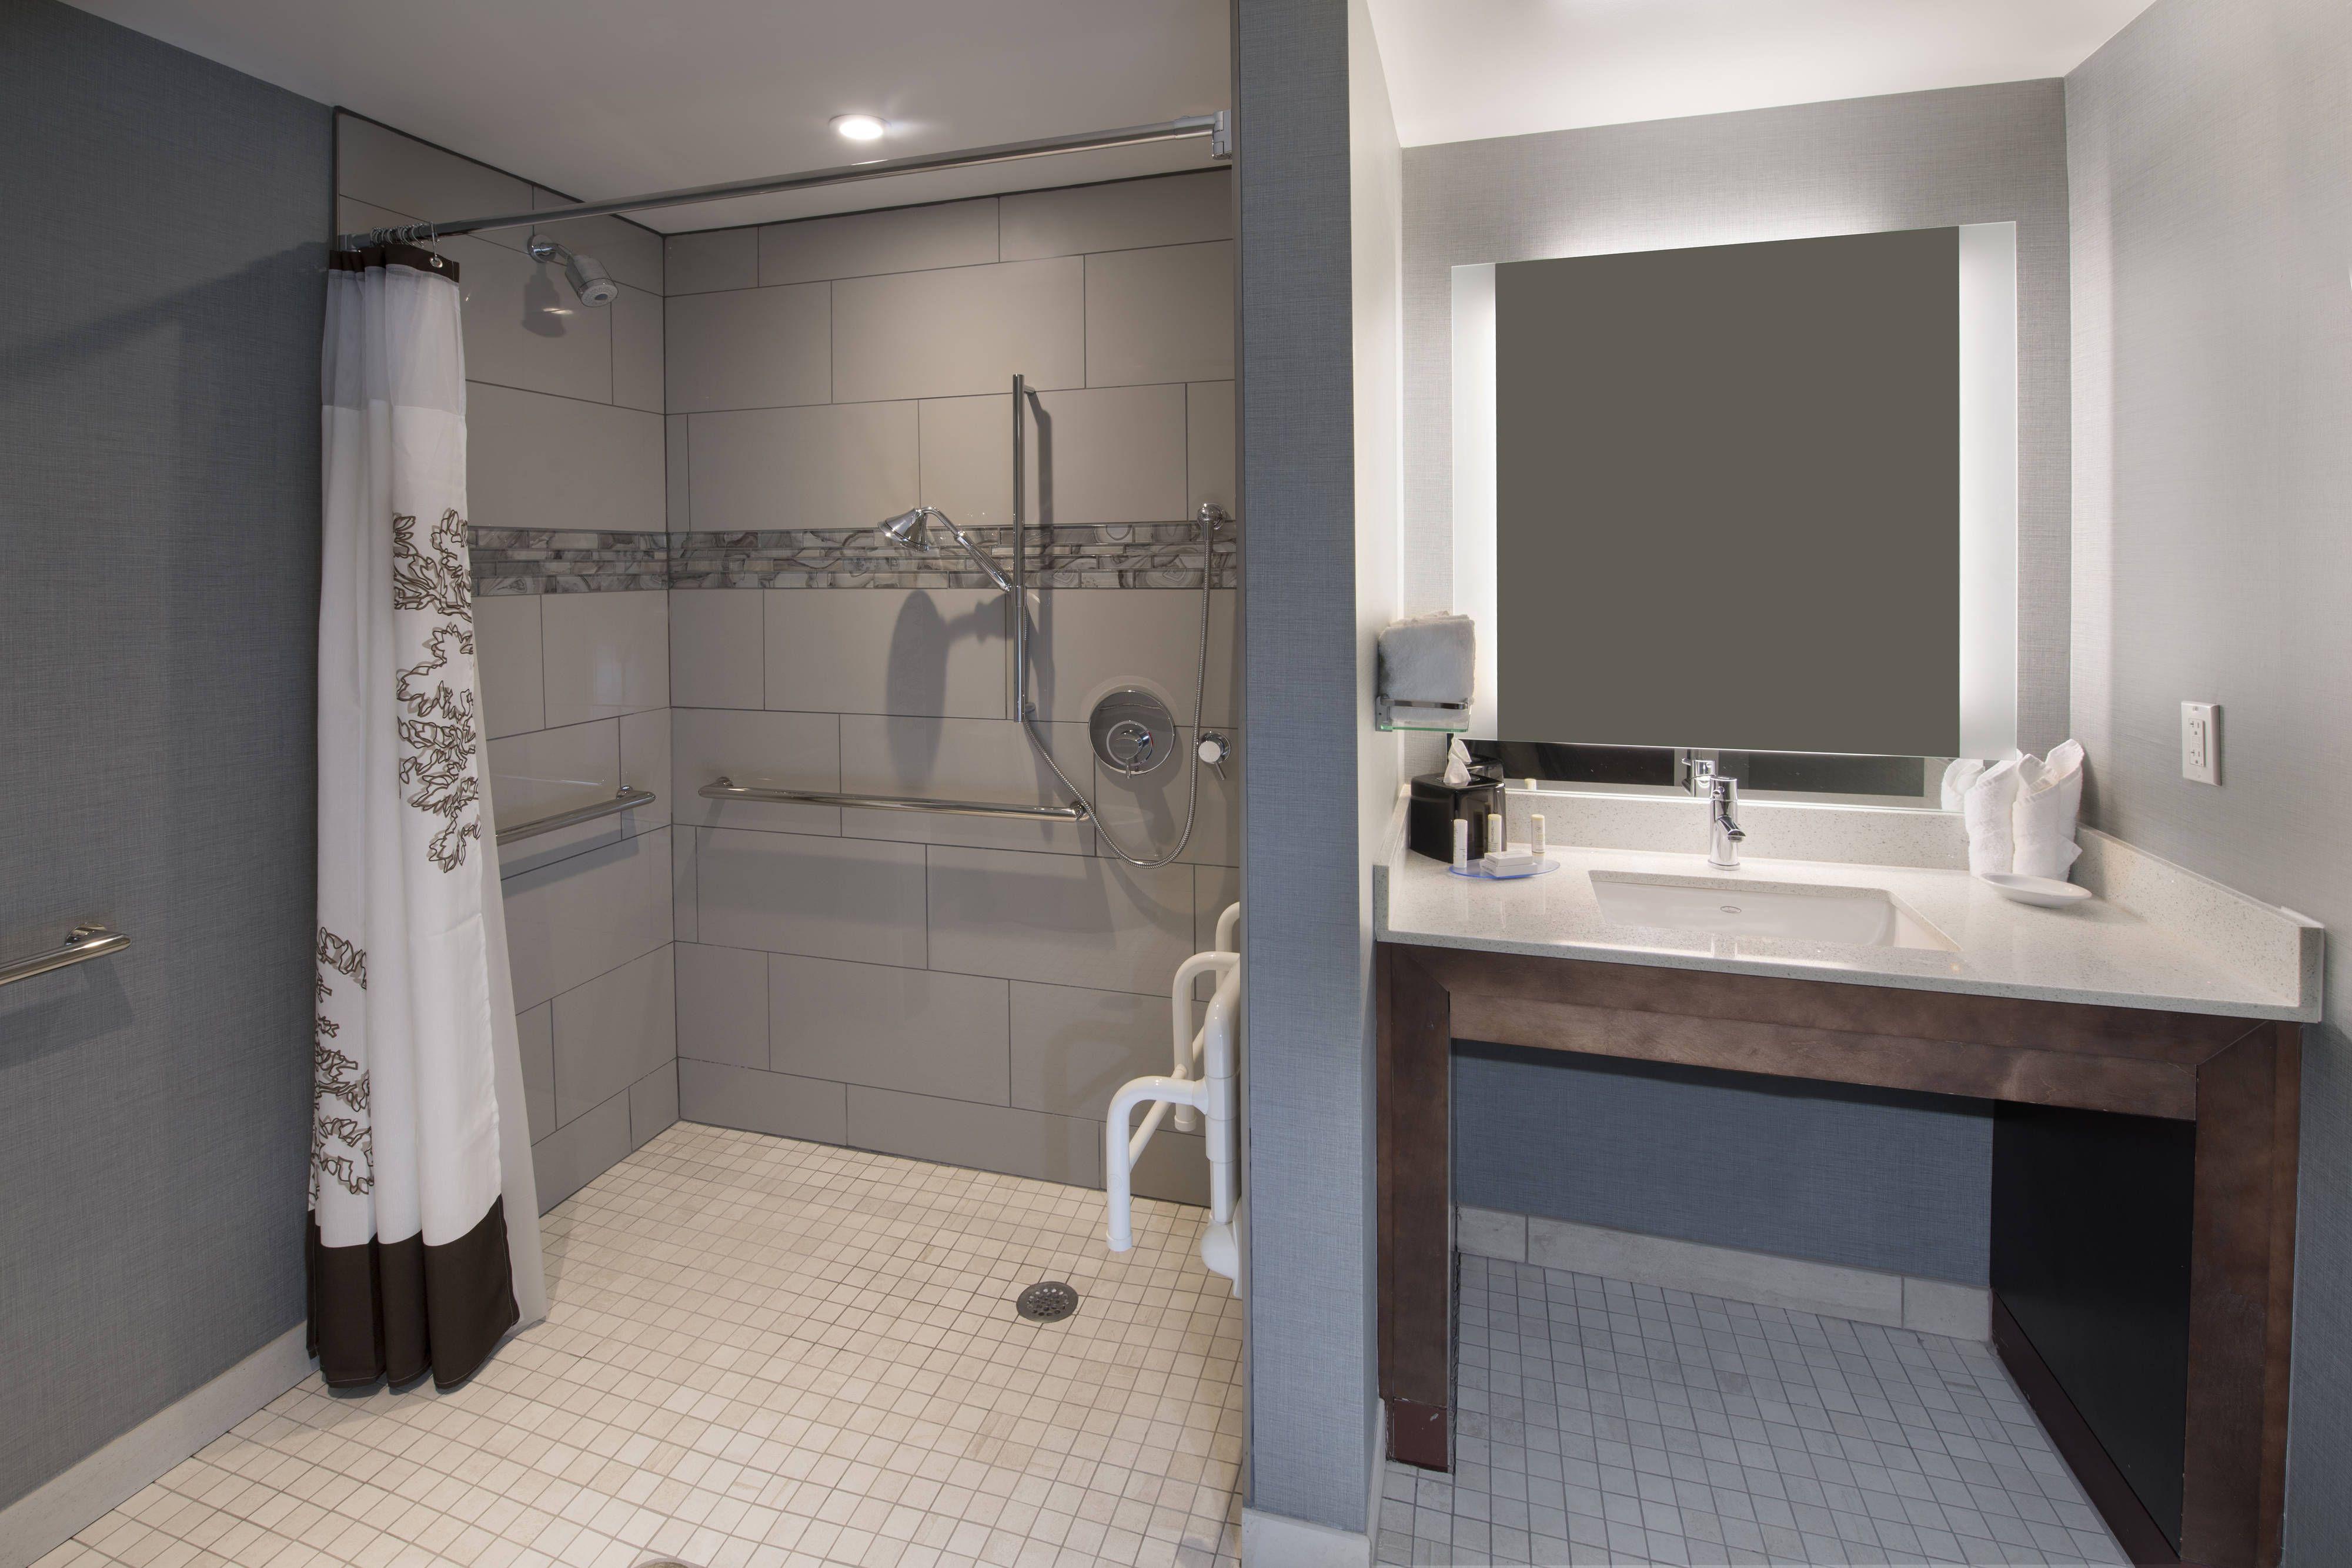 Residence inn atlanta perimeter centerdunwoody accessible